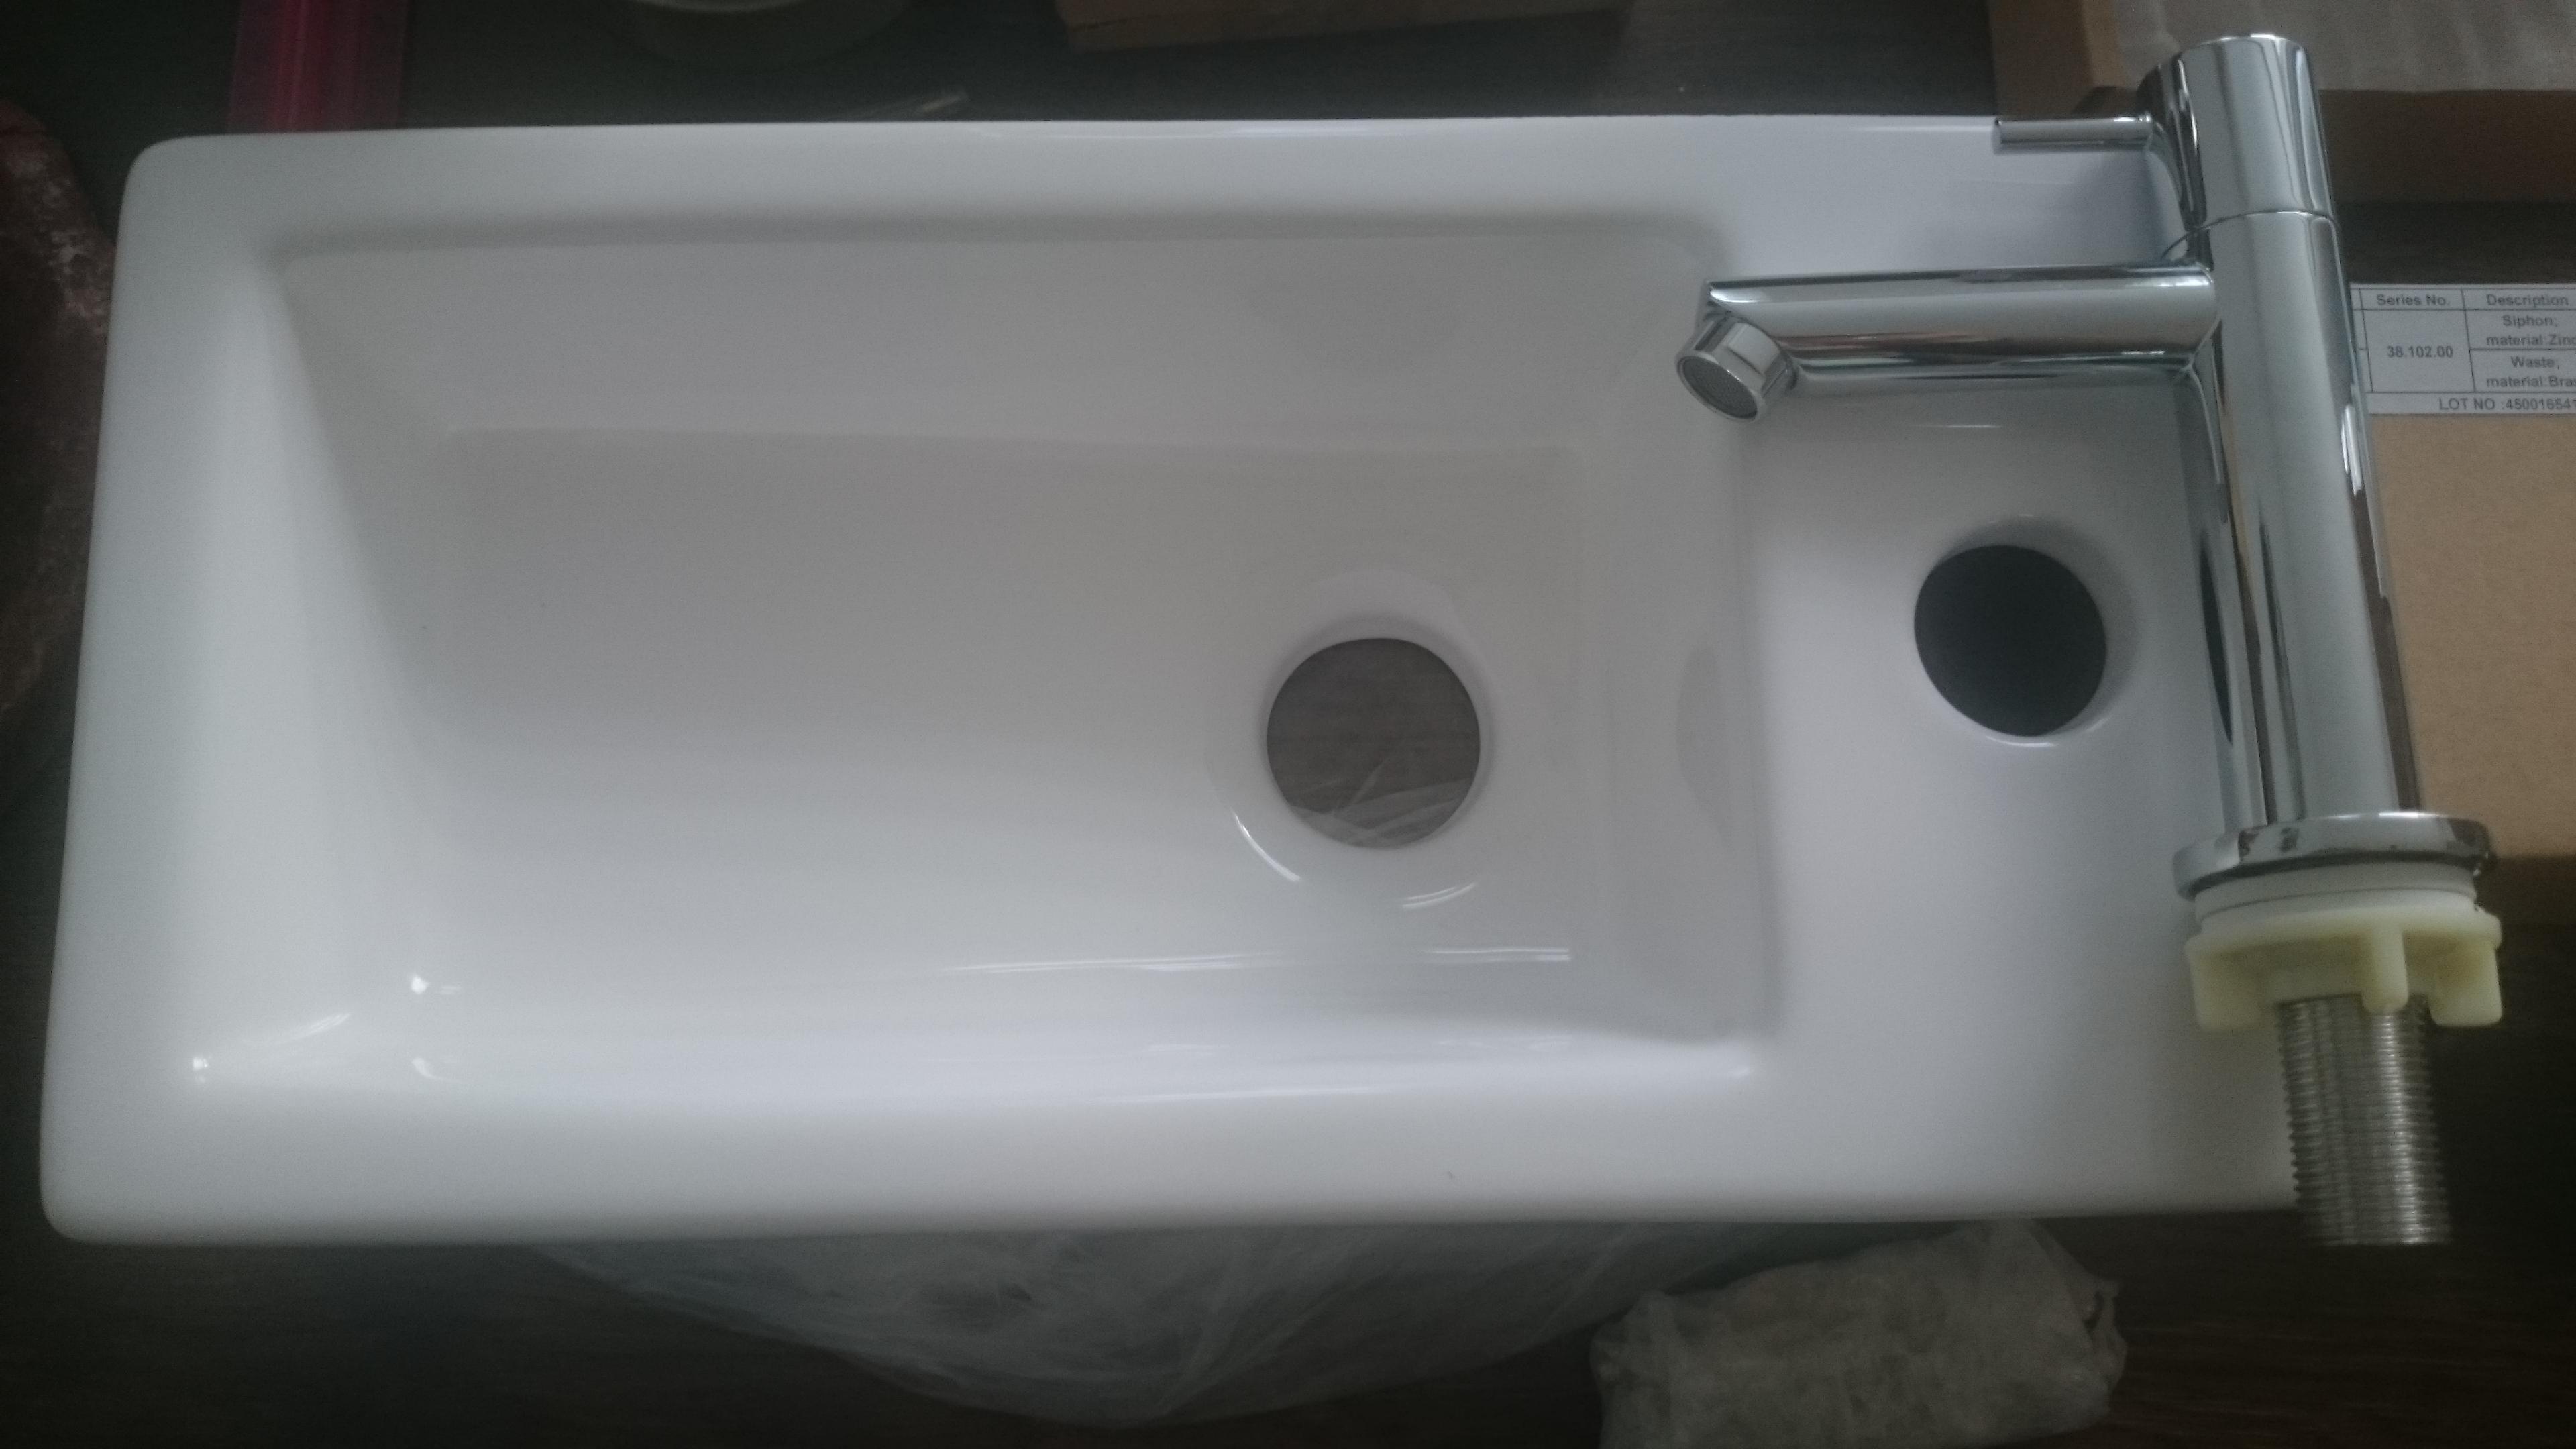 Praxis Toilet Fontein : Toilet vernieuwd: zwevend toilet gemaakt en opnieuw betegeld